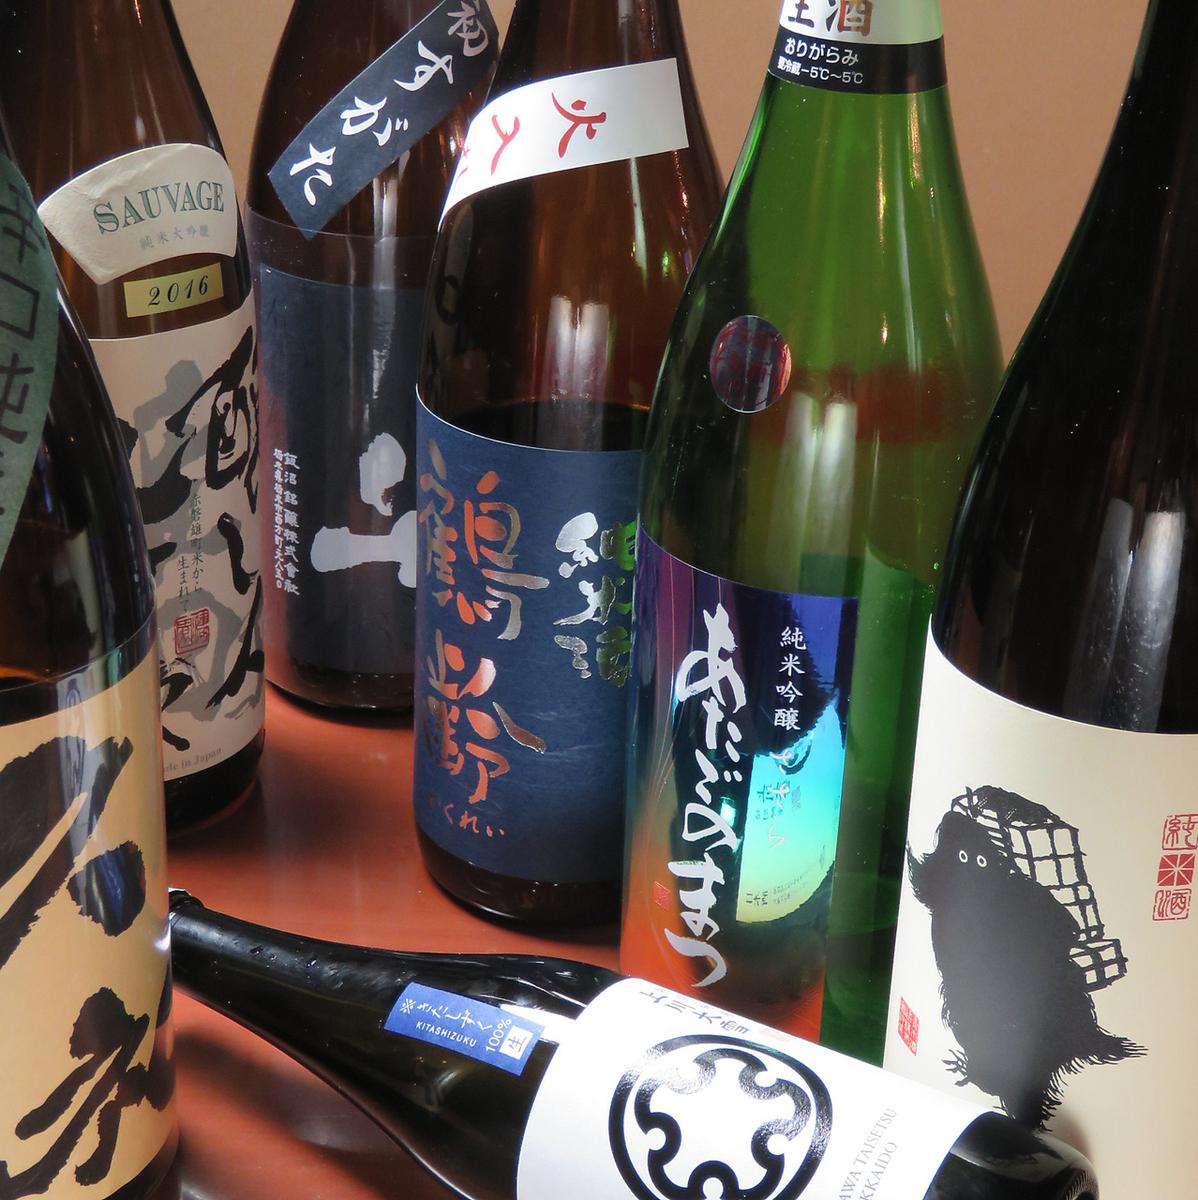 【必看 - 准备在日本许多地方酒!